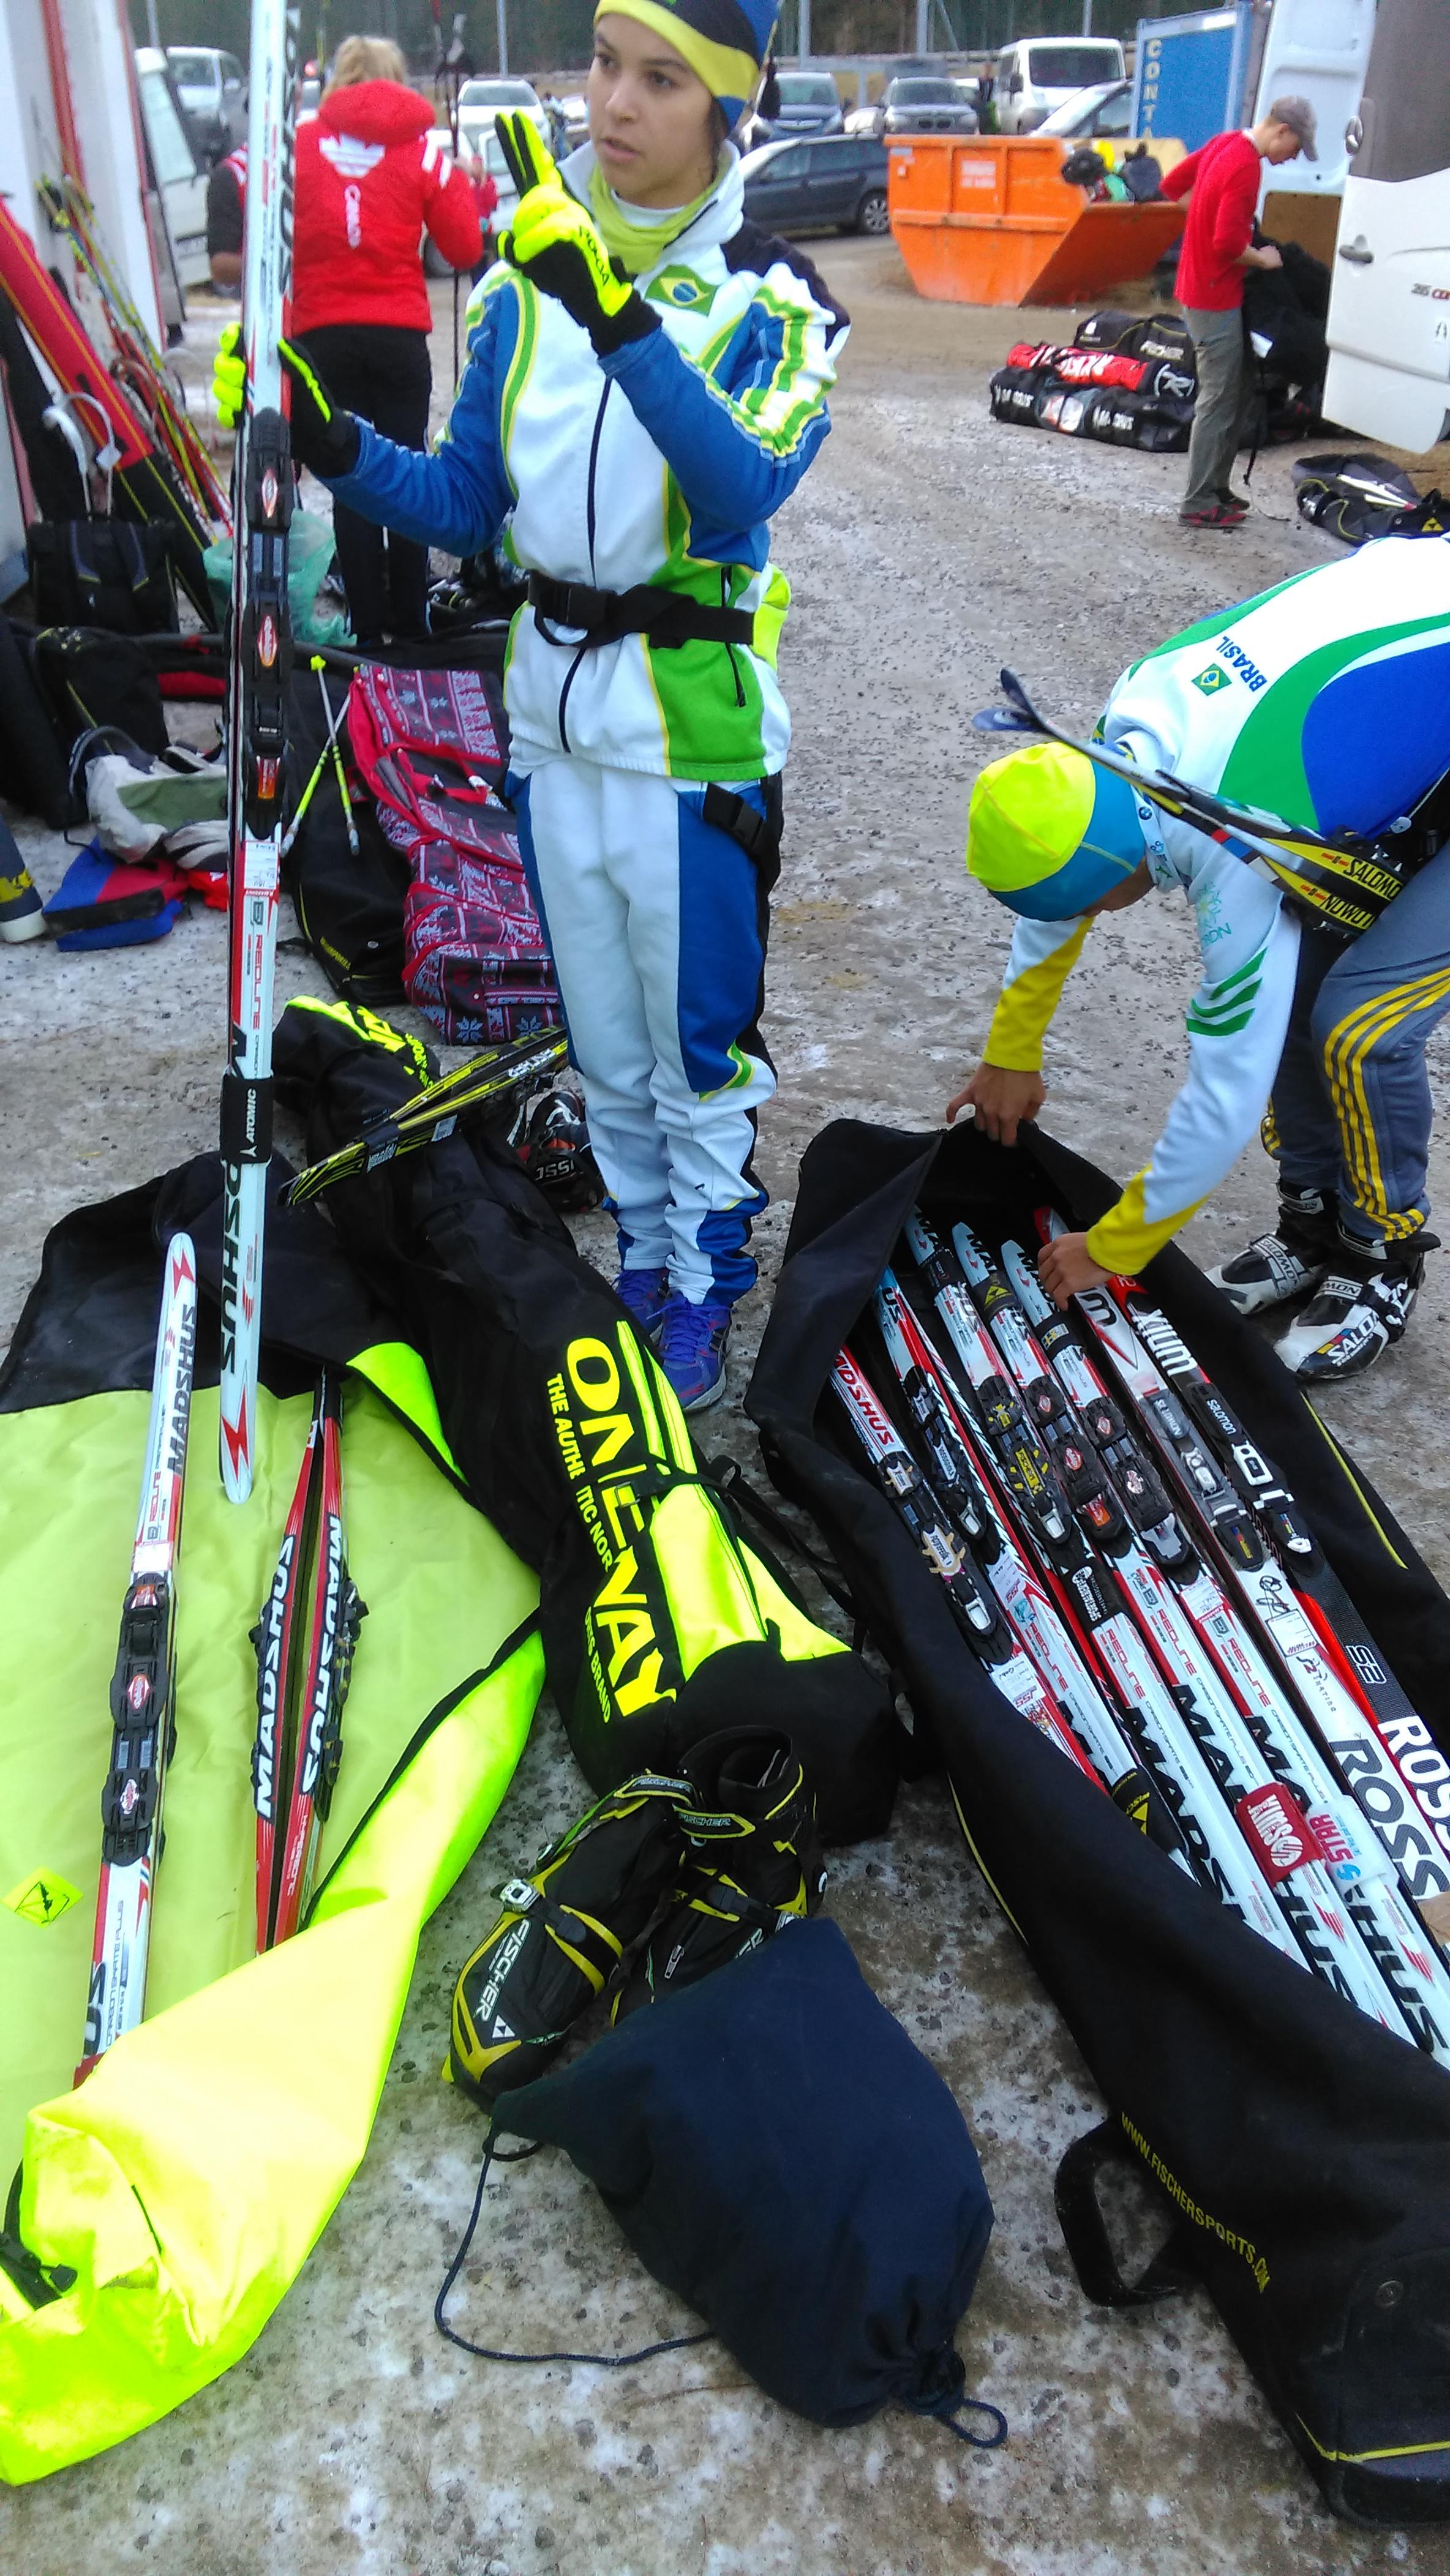 Na afloop heerst overal een gecontroleerde chaos, zo ook hier bij Gabi Neres en Caio Moreira: welke ski's moeten in welke tas, met welke labels en in dezelfde auto met welke skistokken? (Foto: heywoodu)